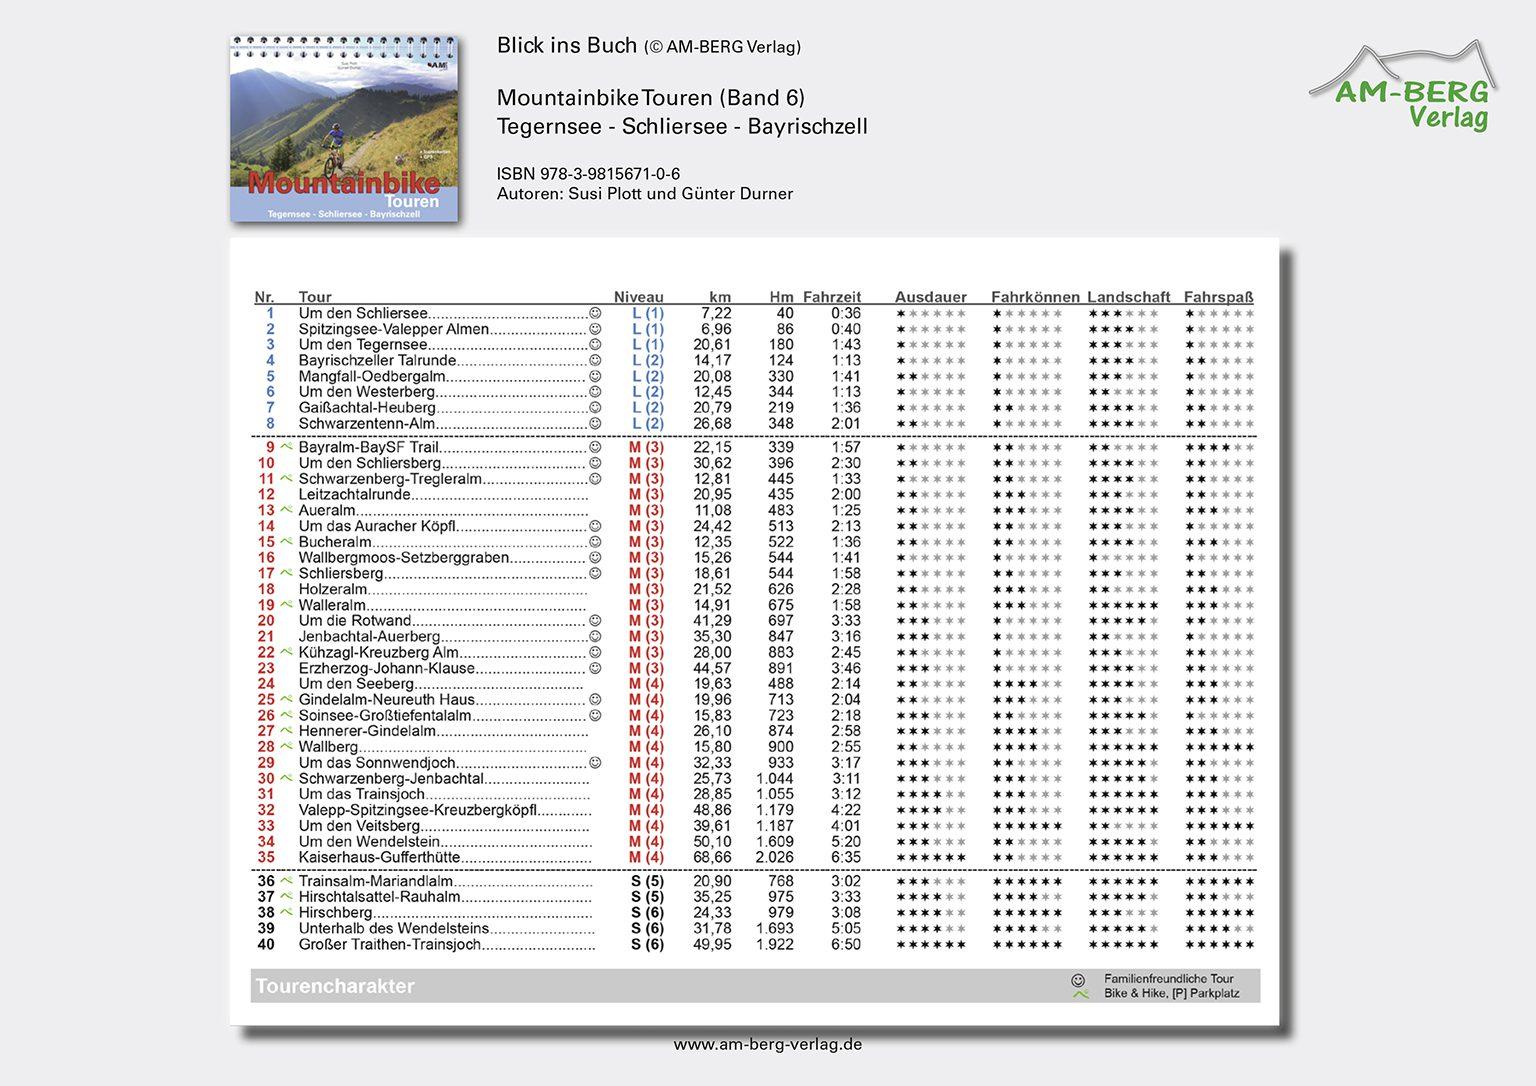 Mountainbike Touren Tegernsee-Schliersee-Bayrischzell (Band 6)_BlickinsBuch5